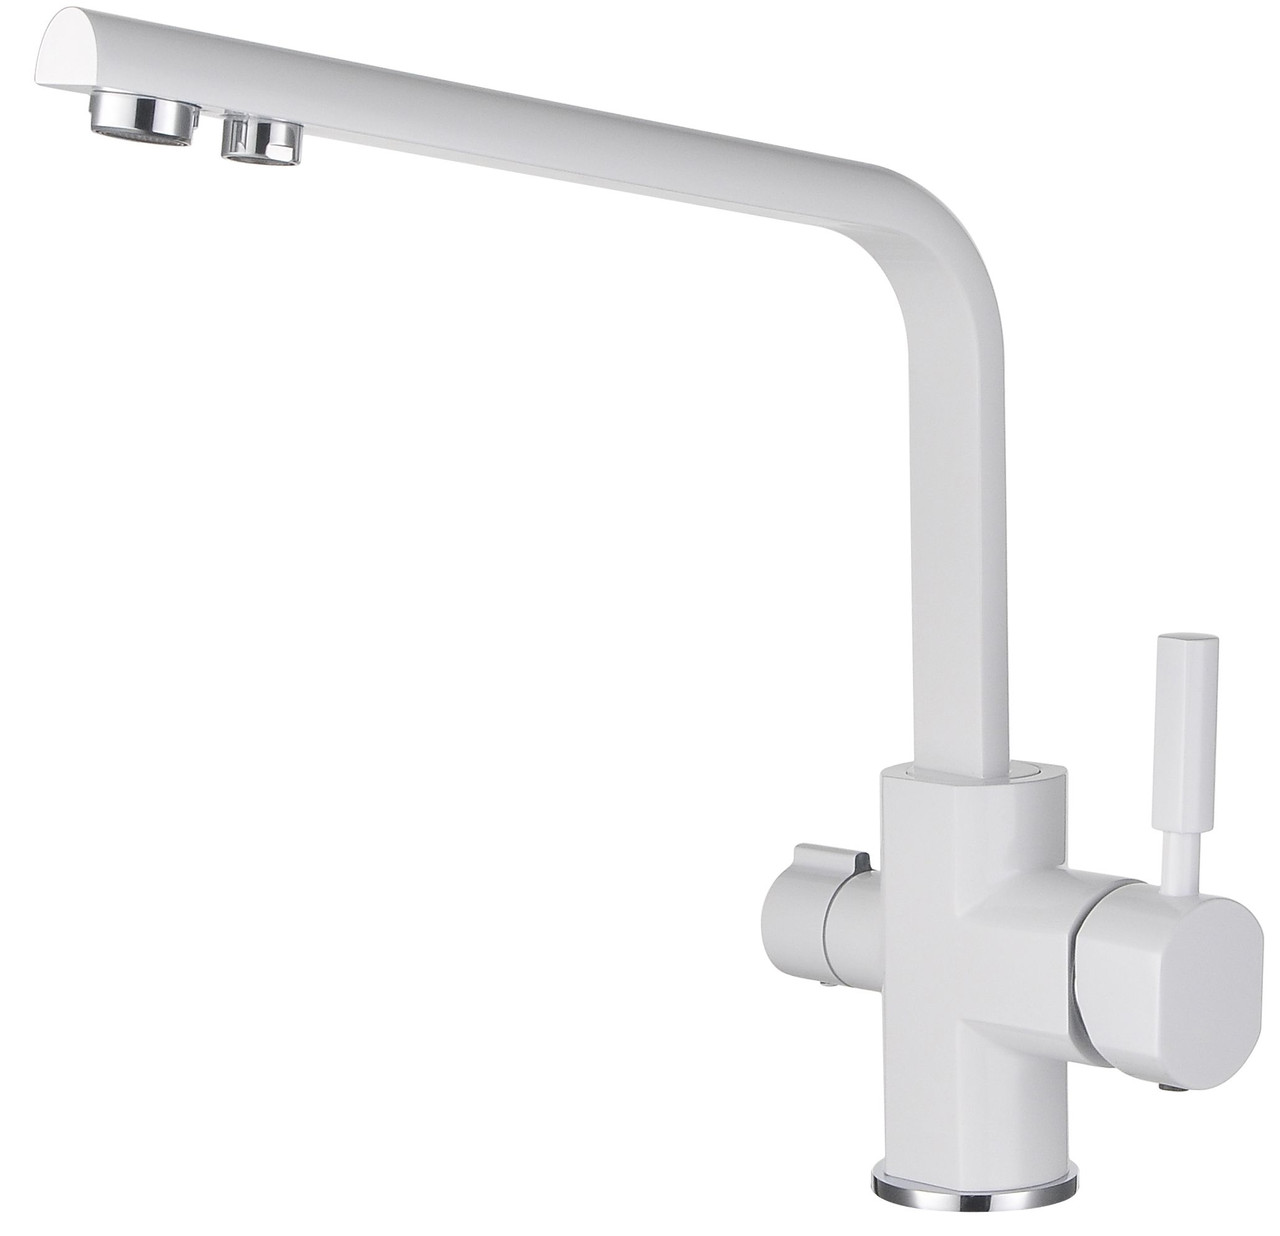 Смеситель с подключением фильтрованной воды 2 в 1 Kaiser Decor 40144-10 Белый глянцевый